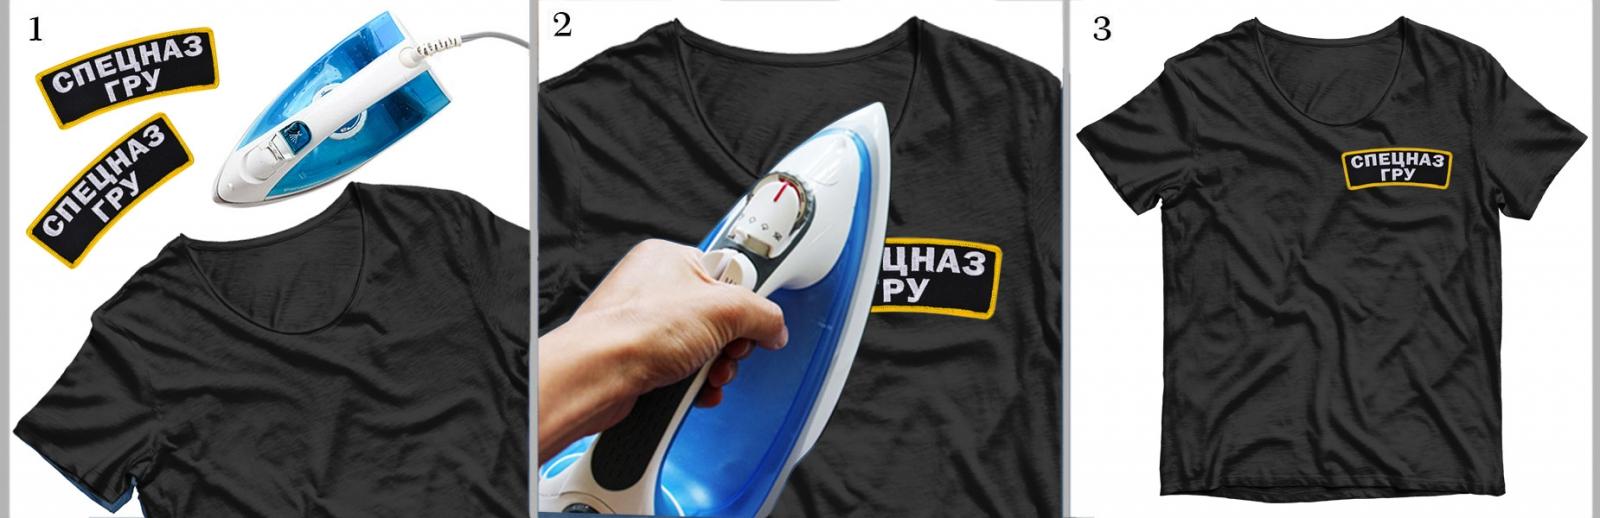 """Термонашивка """"Спецназ ГРУ"""" на футболке"""